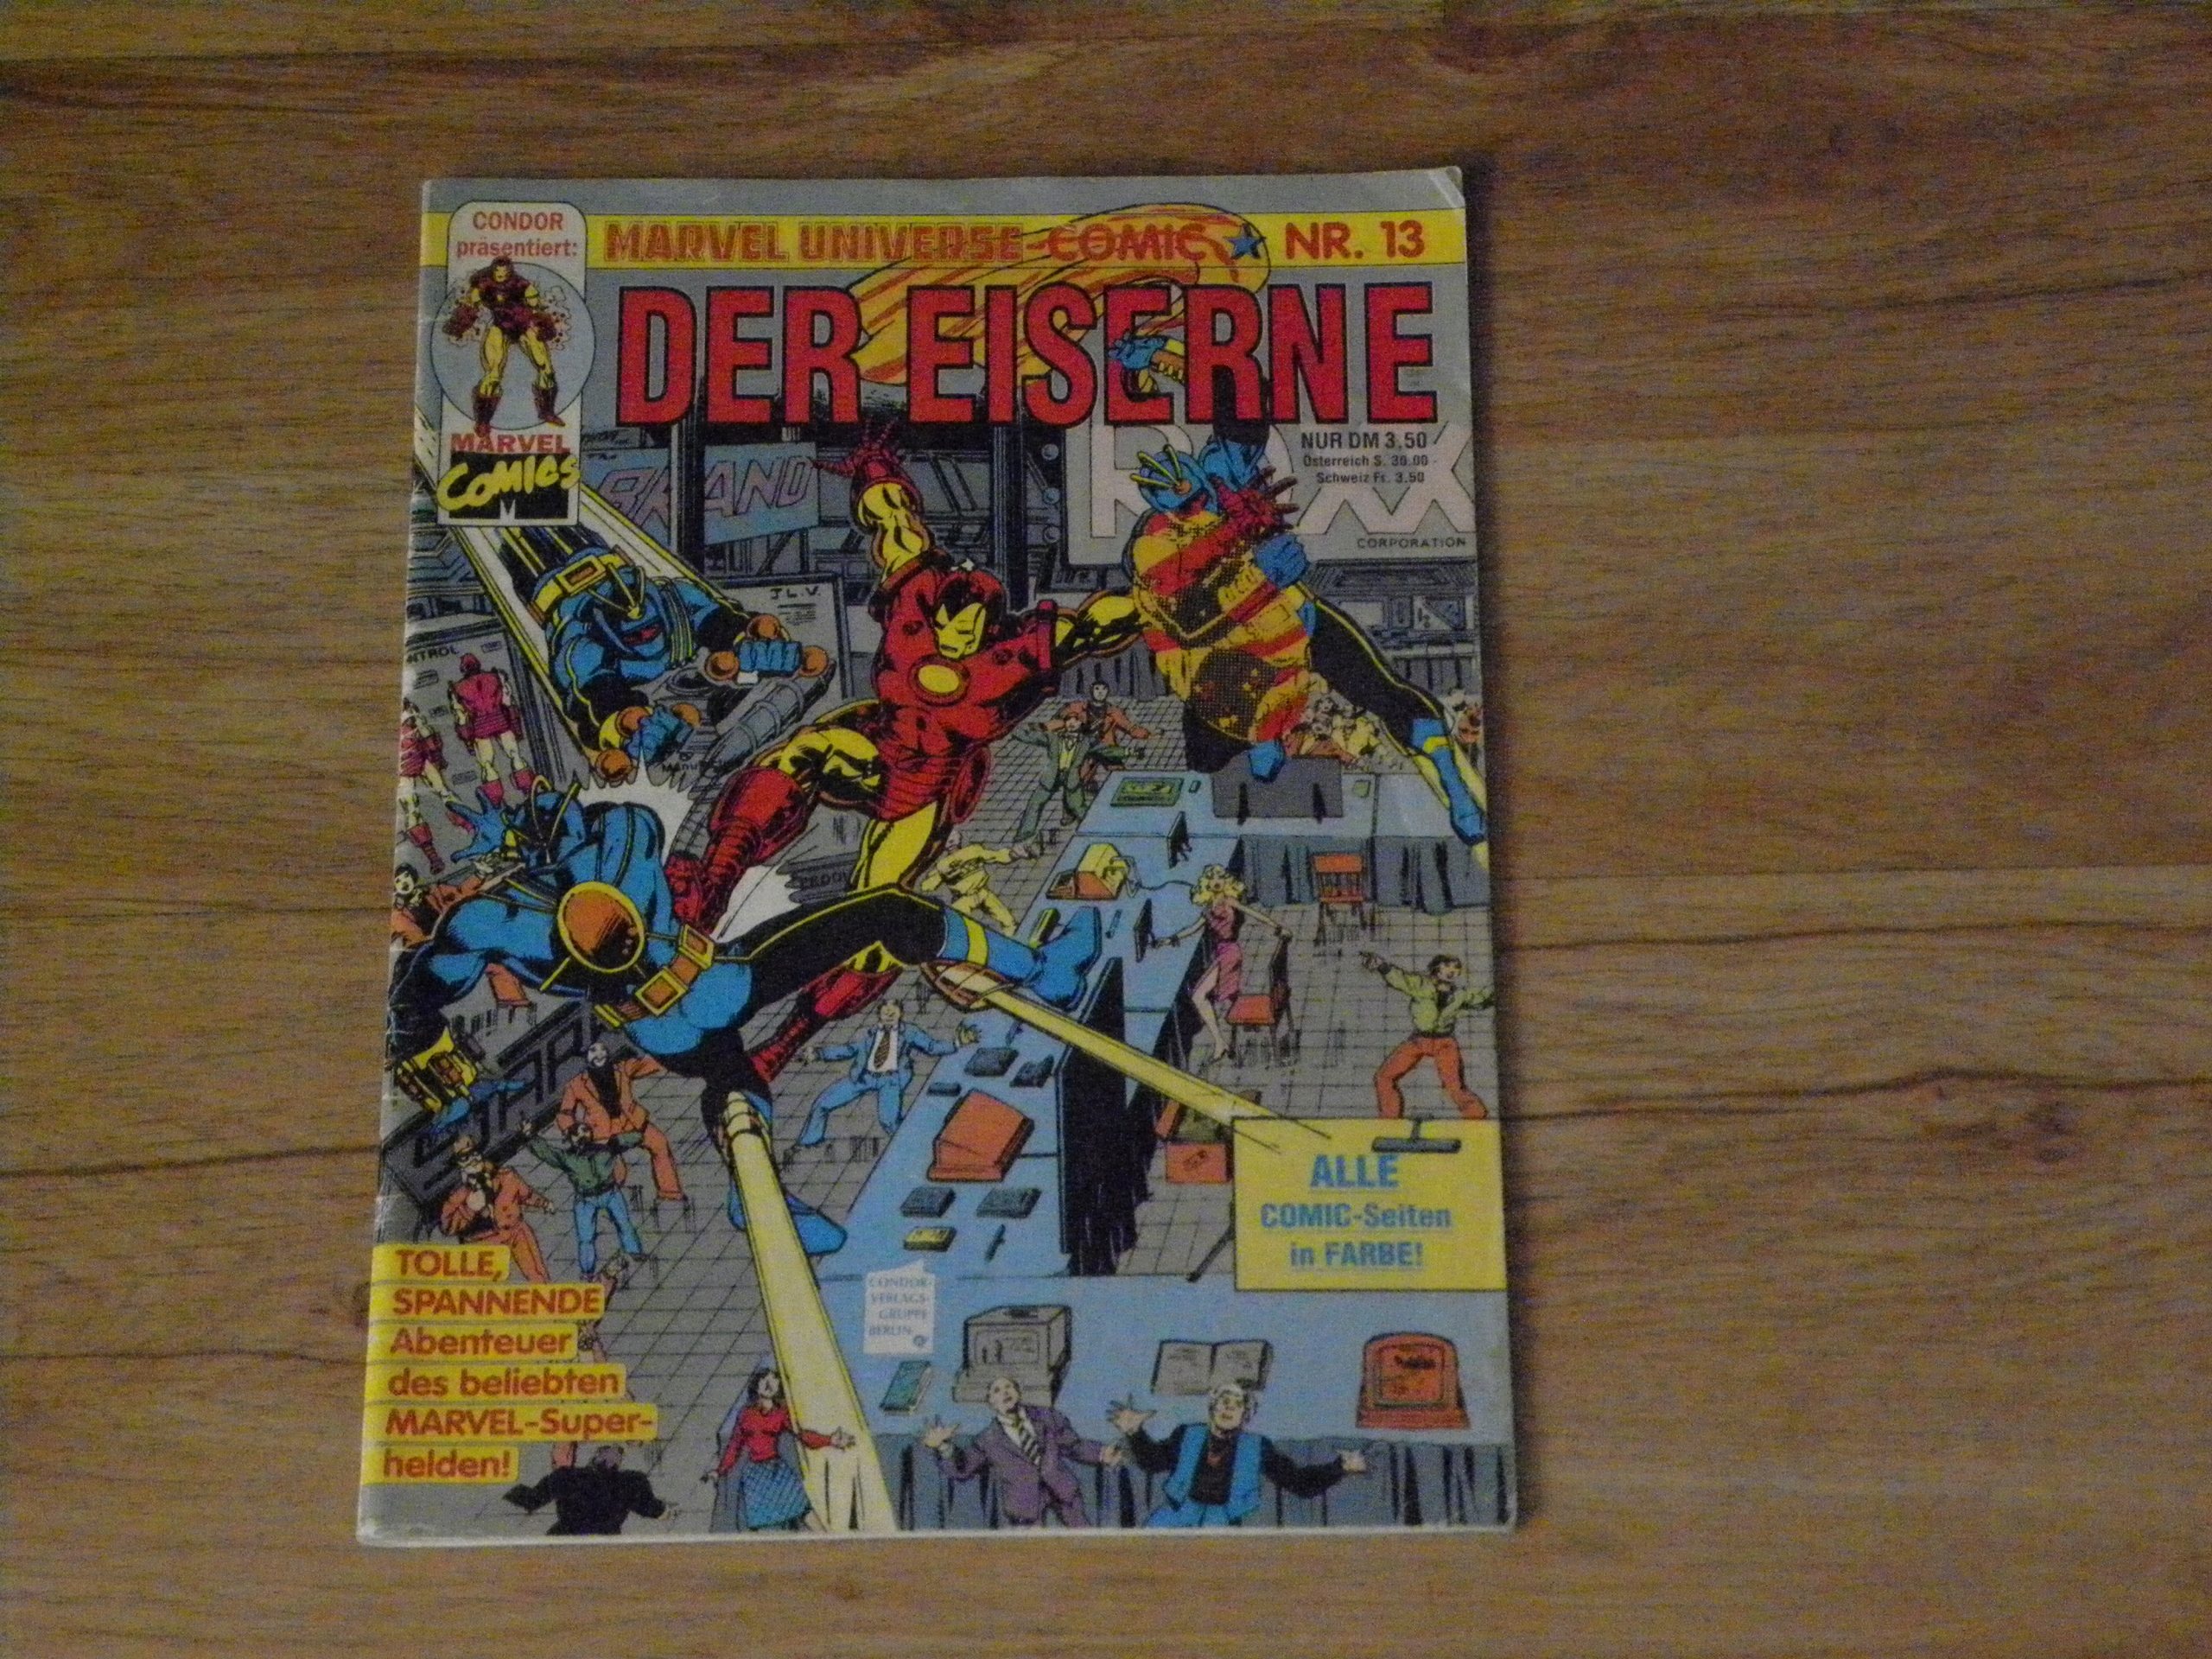 Der eiserne, Marvel Comics, 13/92